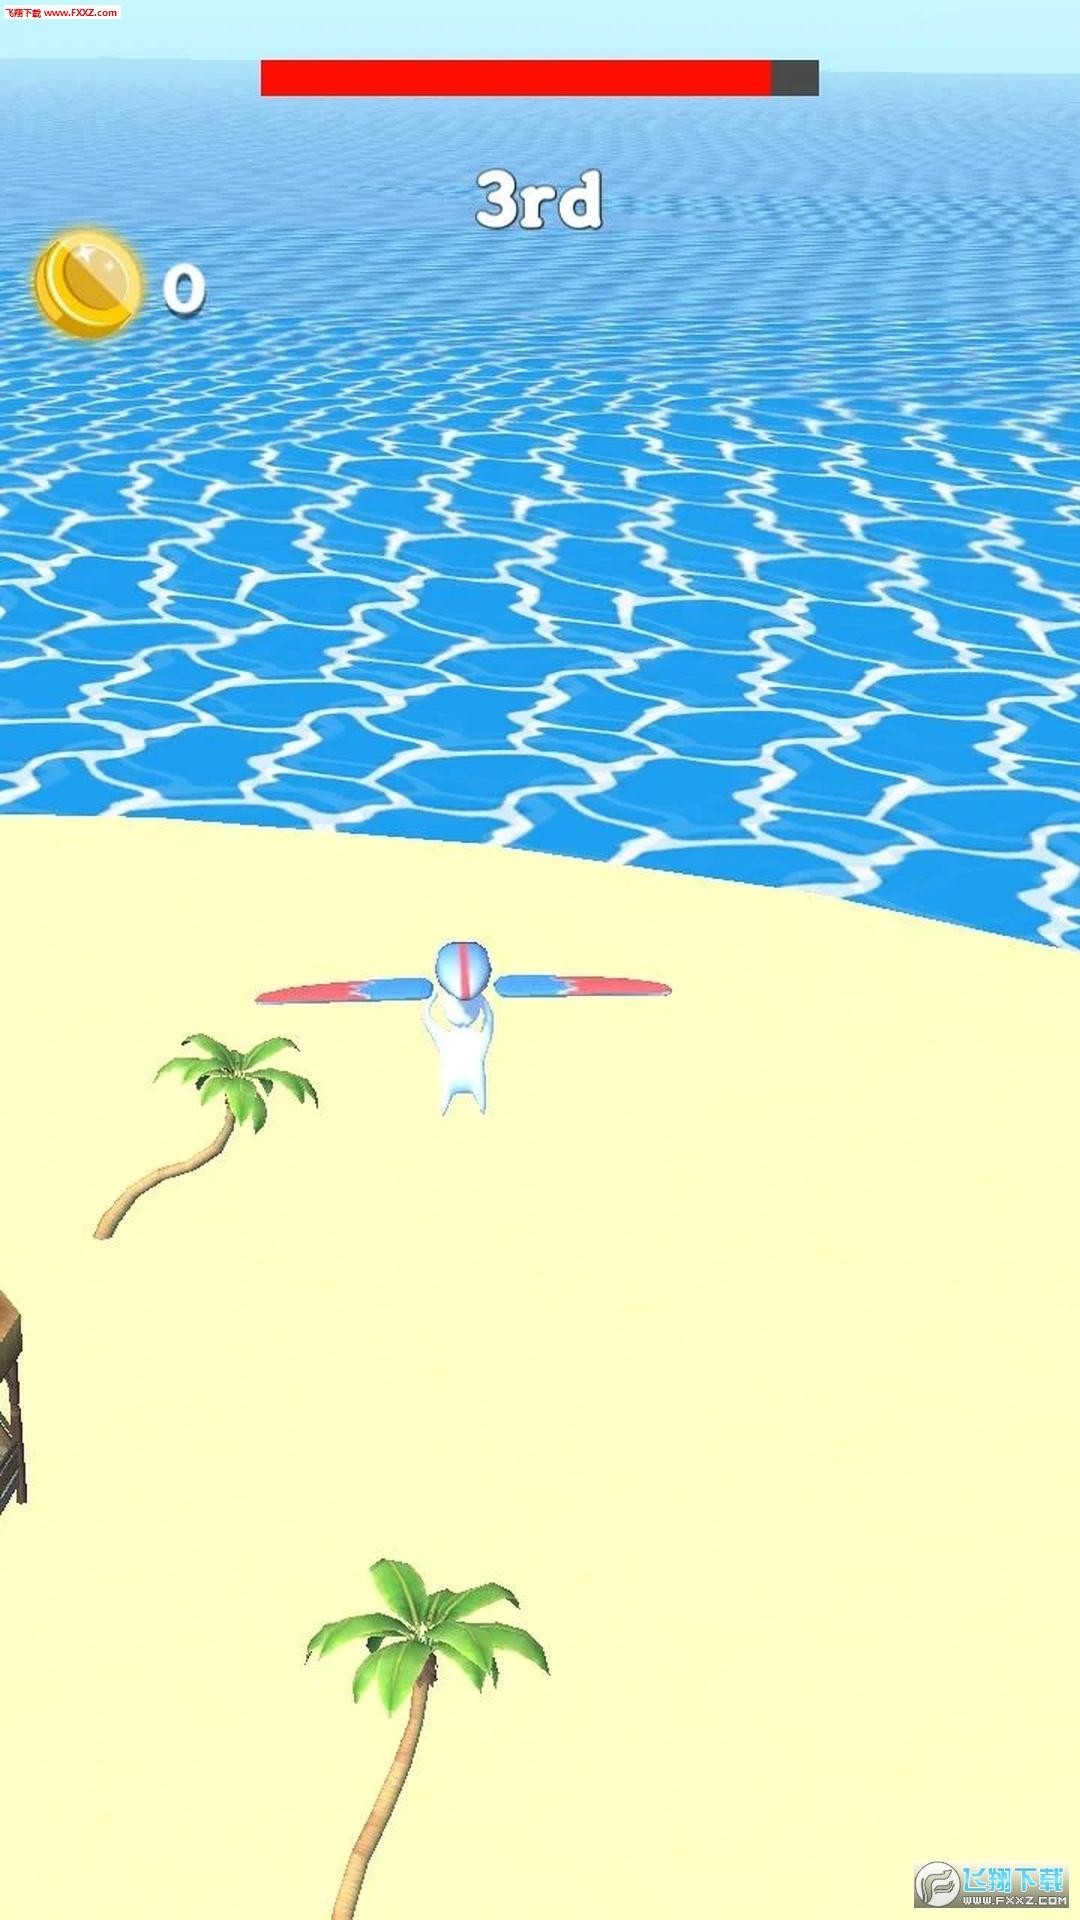 水上乐园大作战安卓版1.0截图0